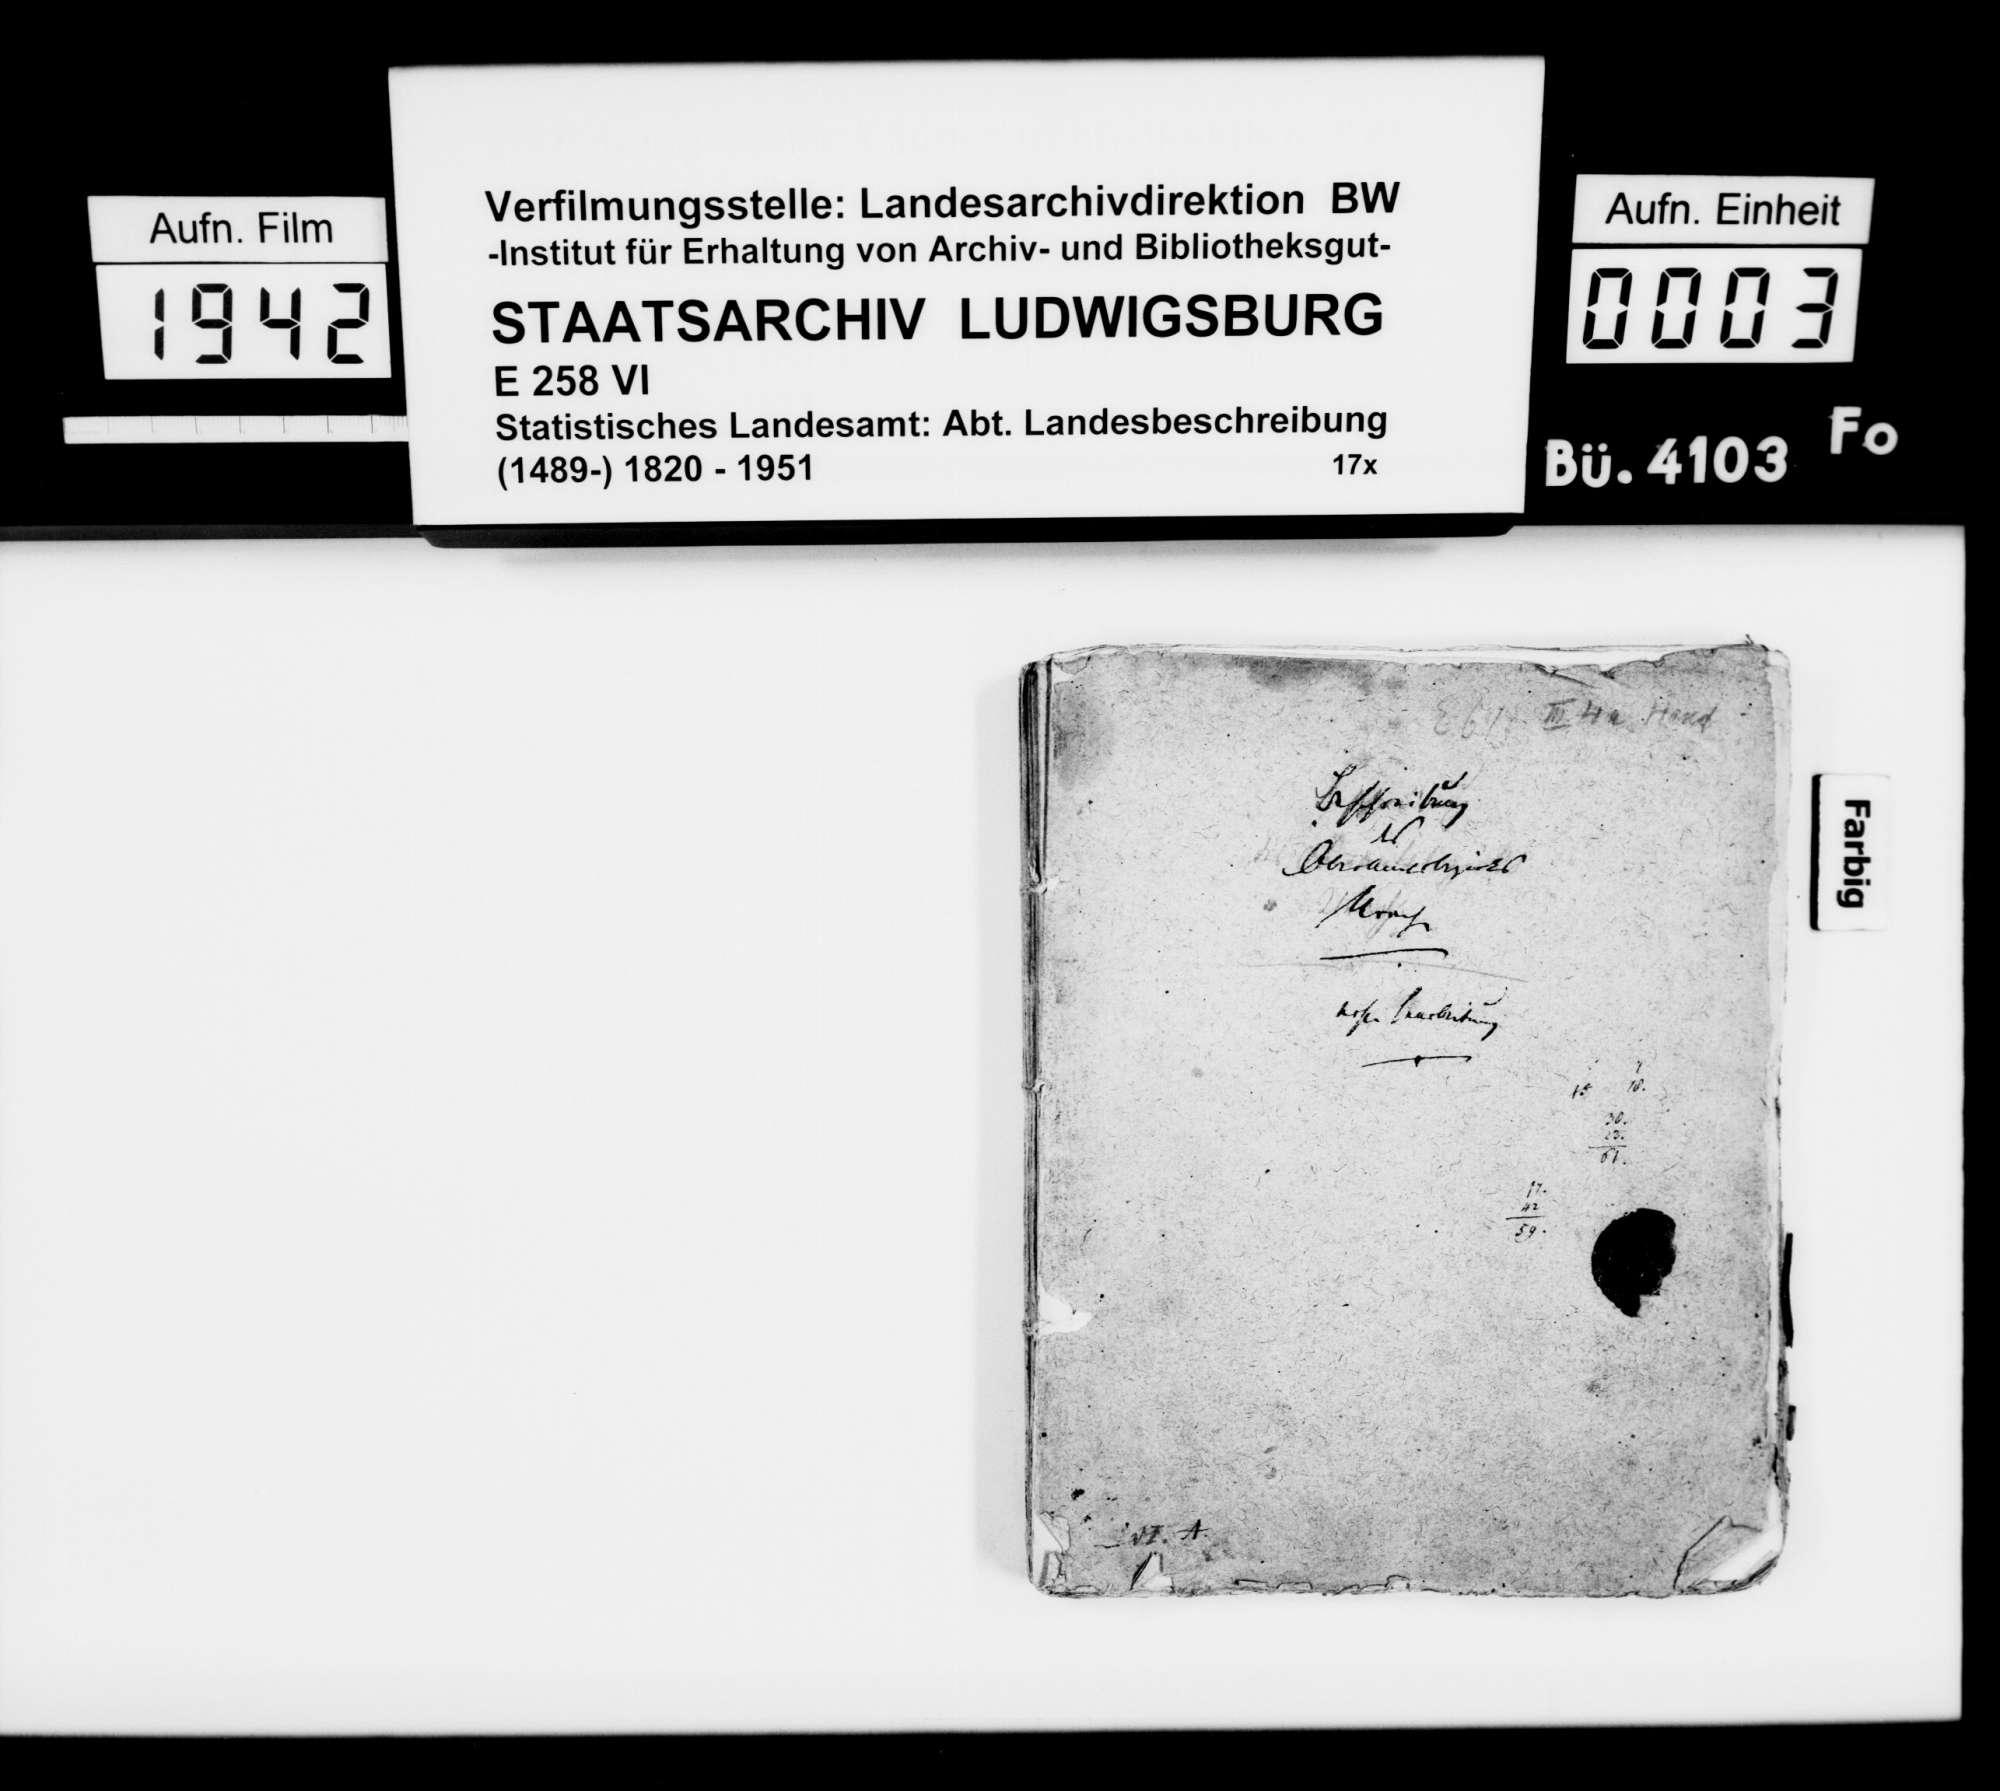 Manuskript des Pfarrers [Karl Christian] Gratianus aus Hengen: Urachs kleine Chronik, 2. und 3. Buch: Das Oberamt. Zweite Bearbeitungsstufe, Bild 1